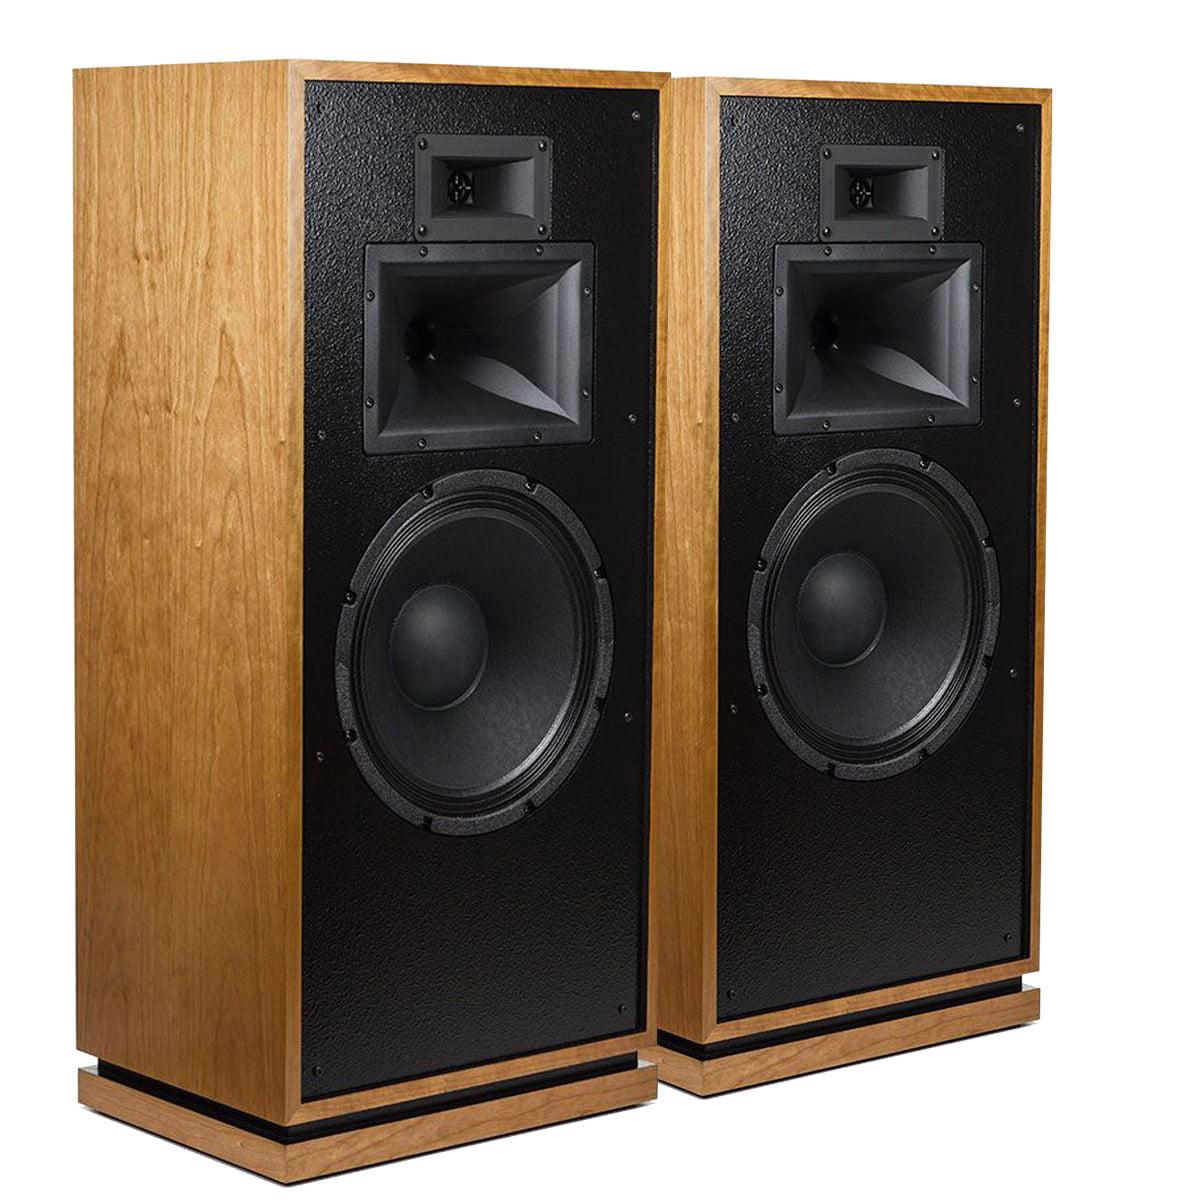 Klipsch Forte III Heritage Series Loudspeakers Pair by Klipsch